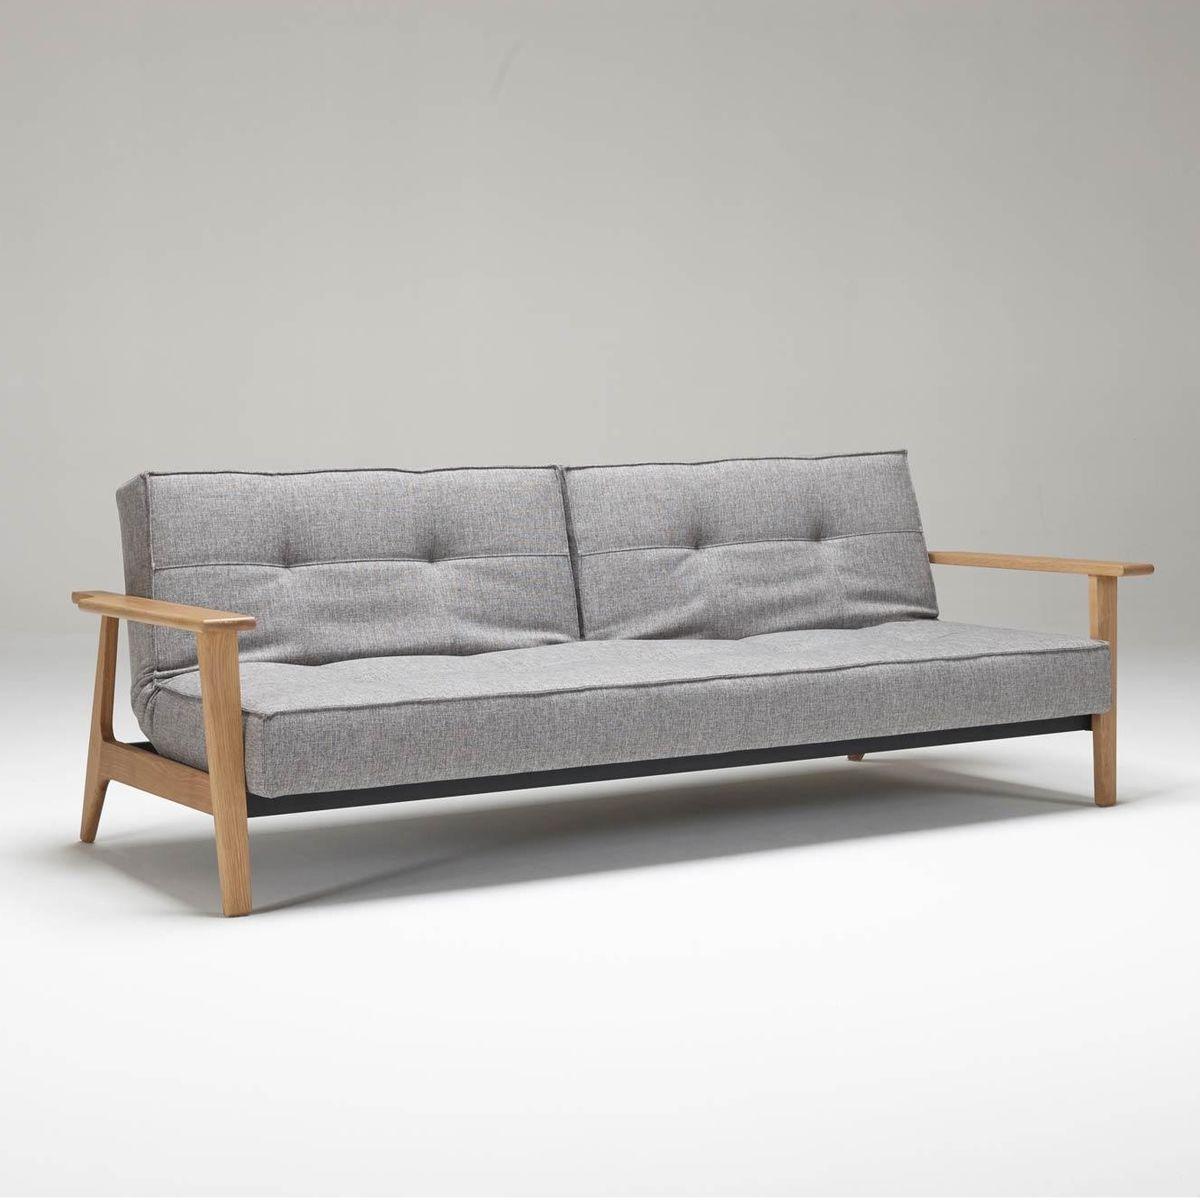 splitback frej sofa bed innovation. Black Bedroom Furniture Sets. Home Design Ideas